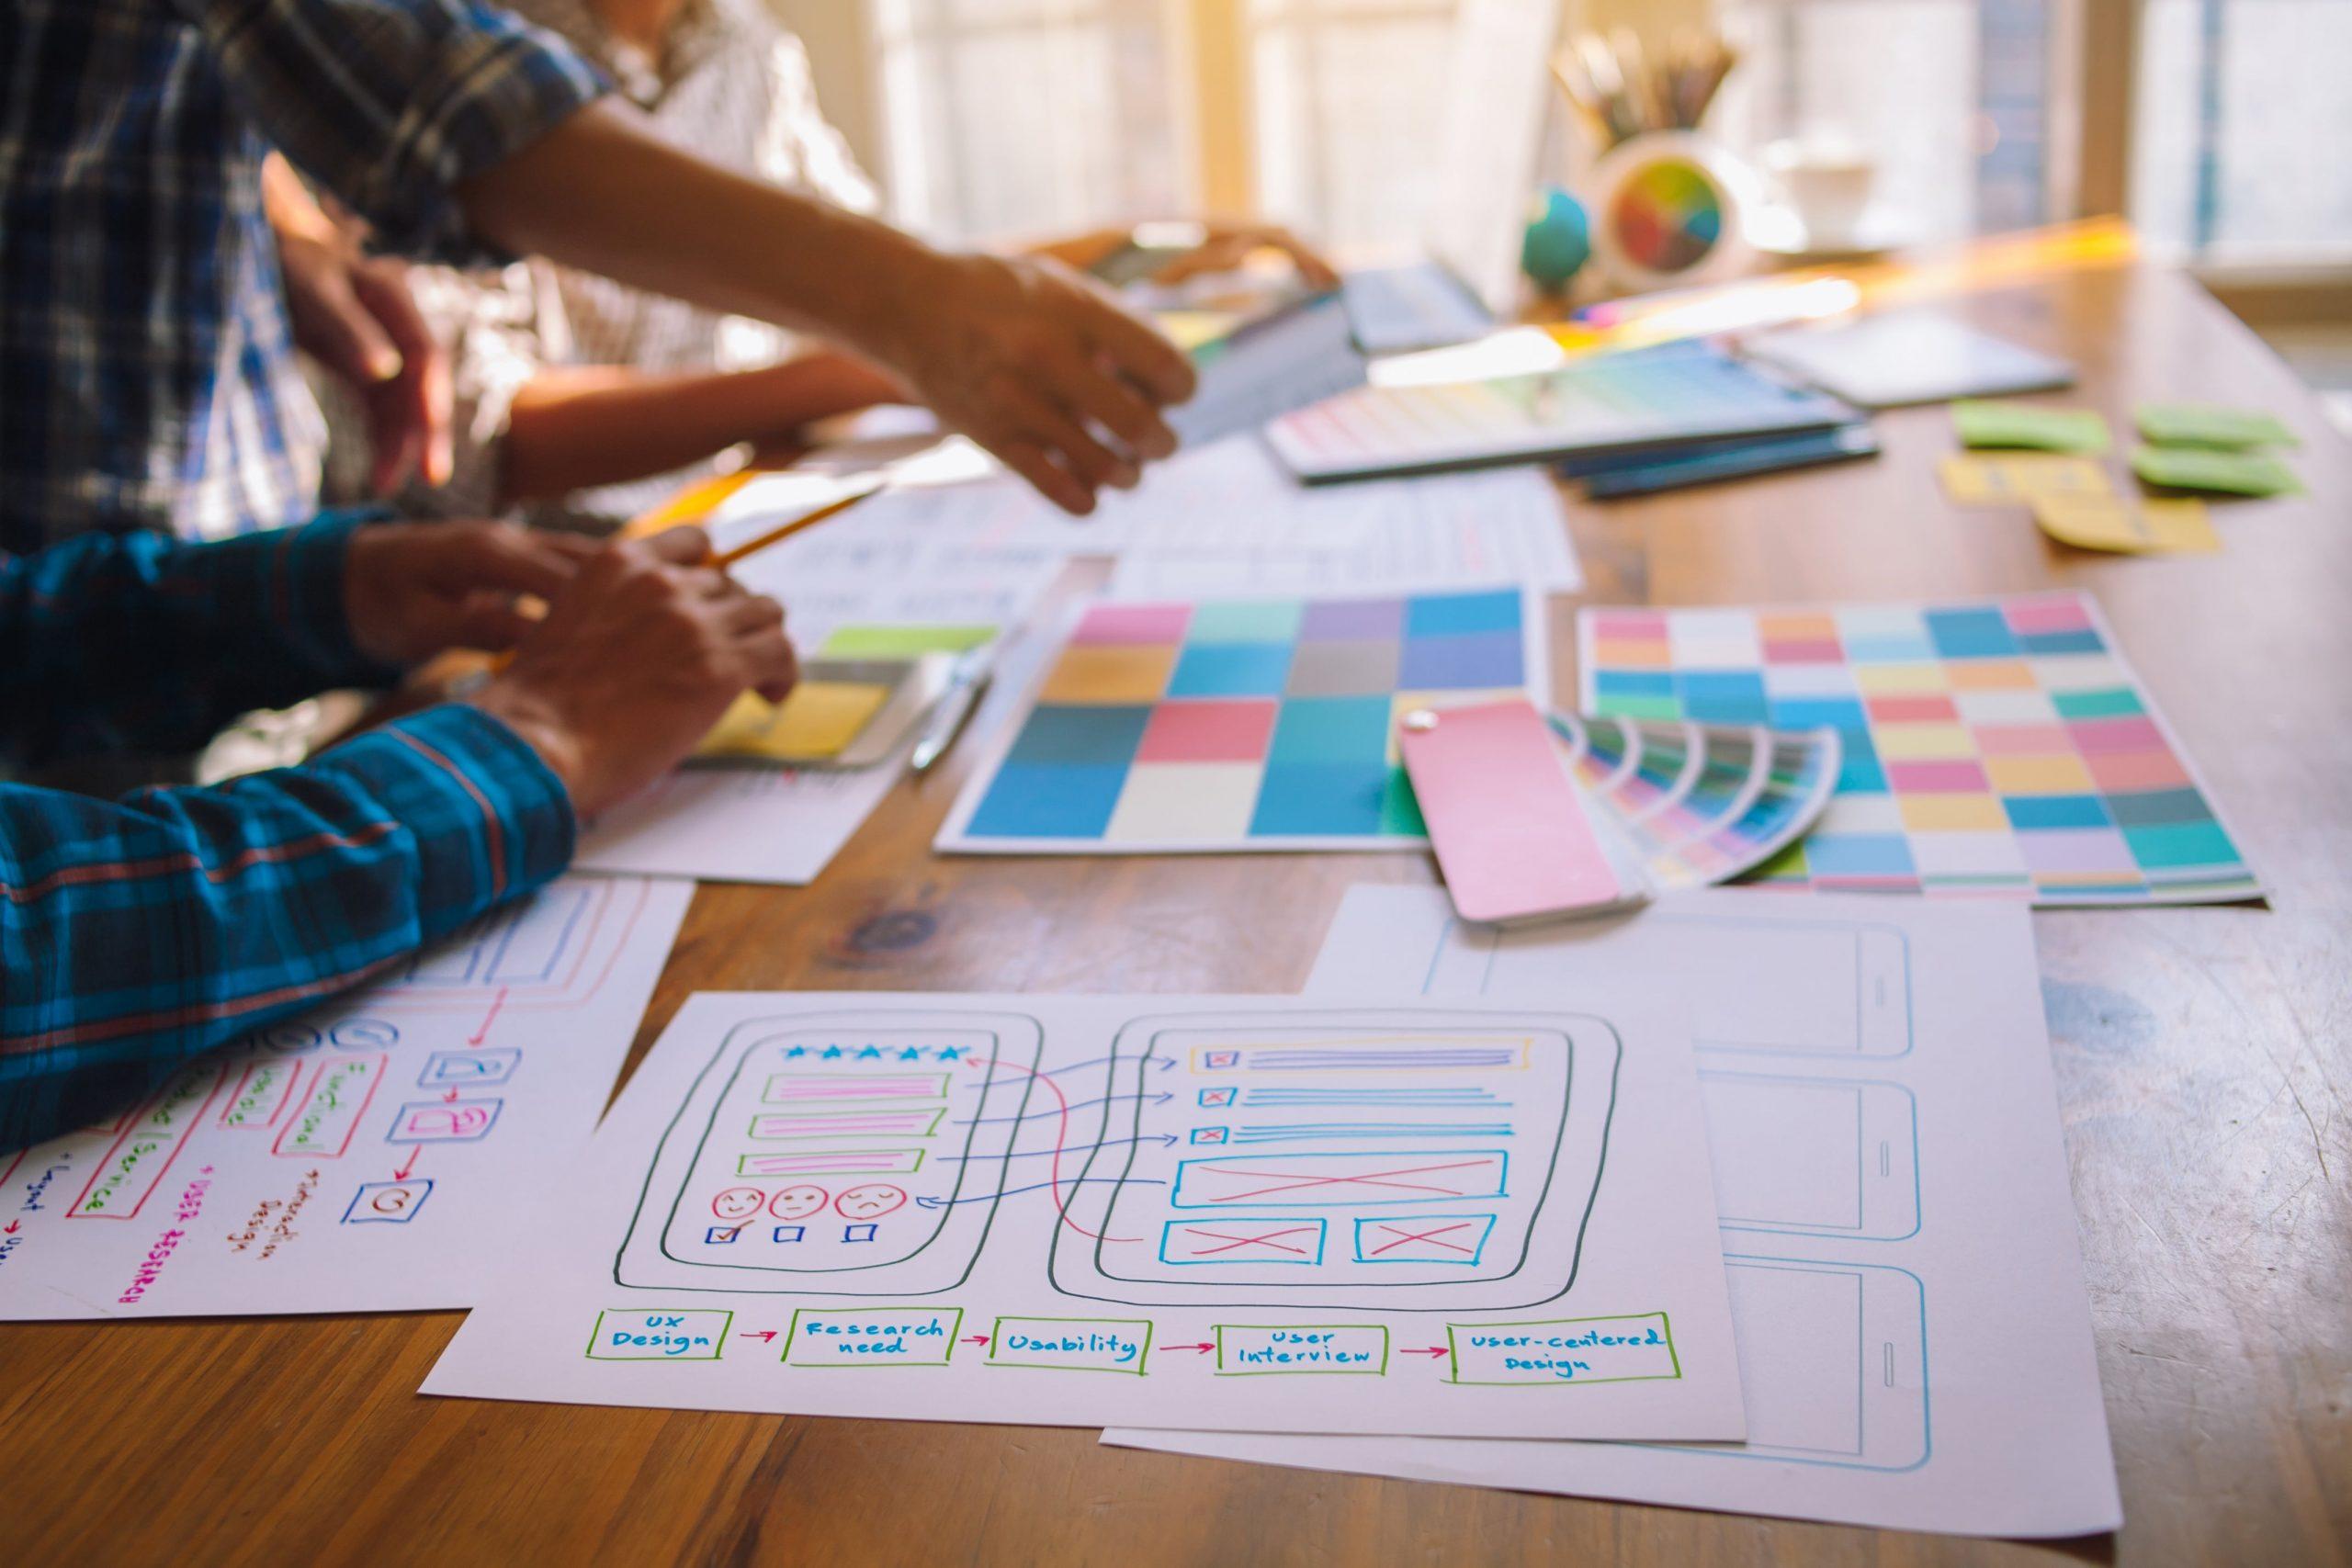 diseñadores reunidos planeando estrategias de customer experience